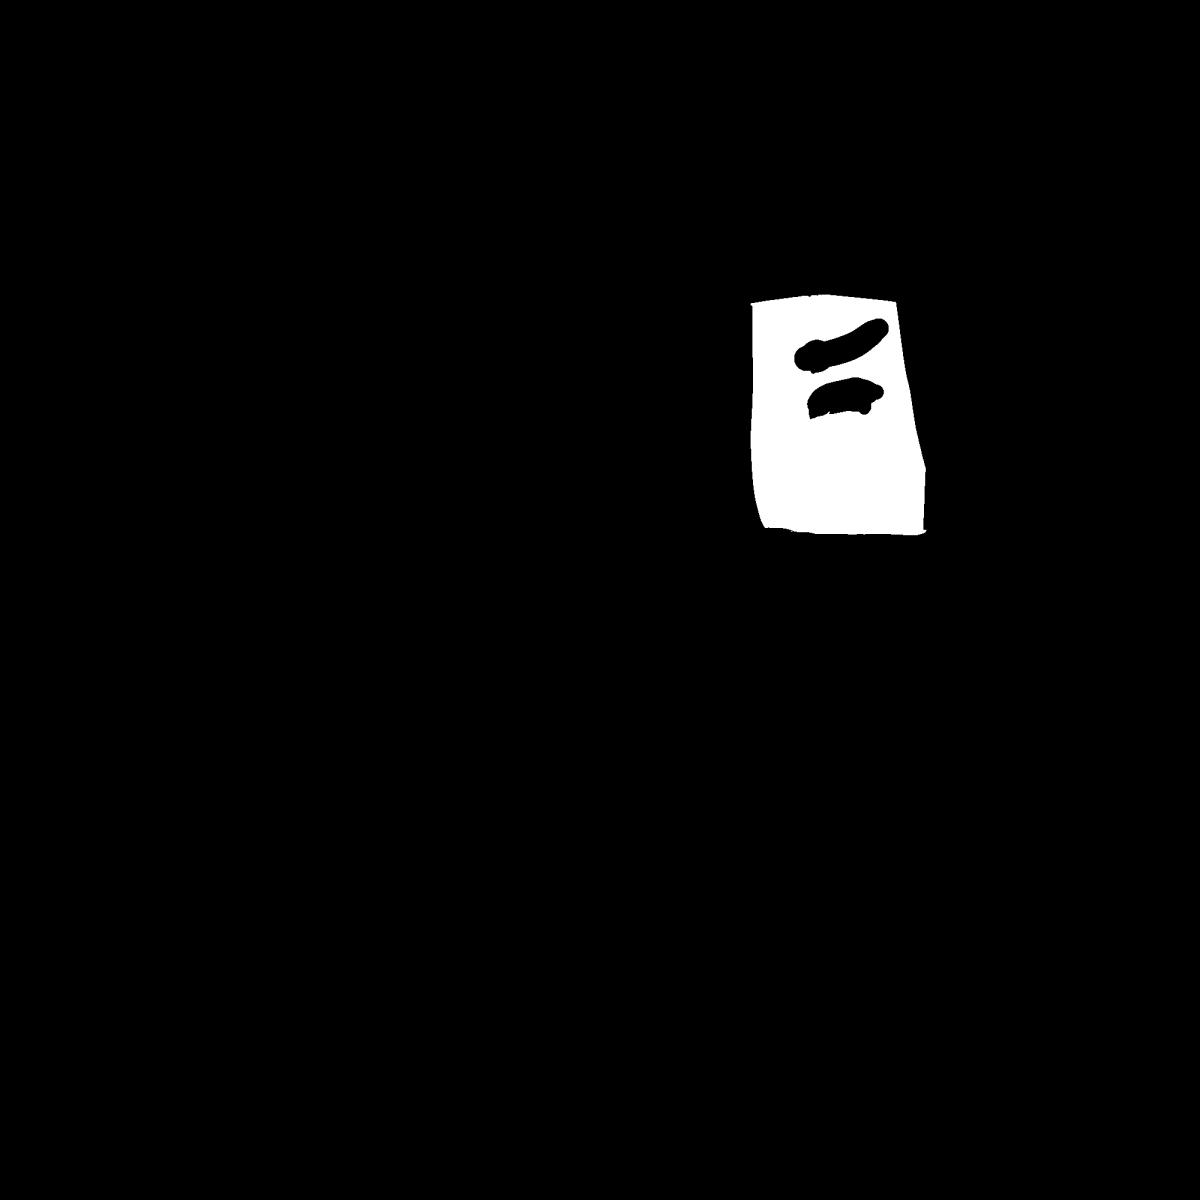 点滴のイラスト / Brip Illustration